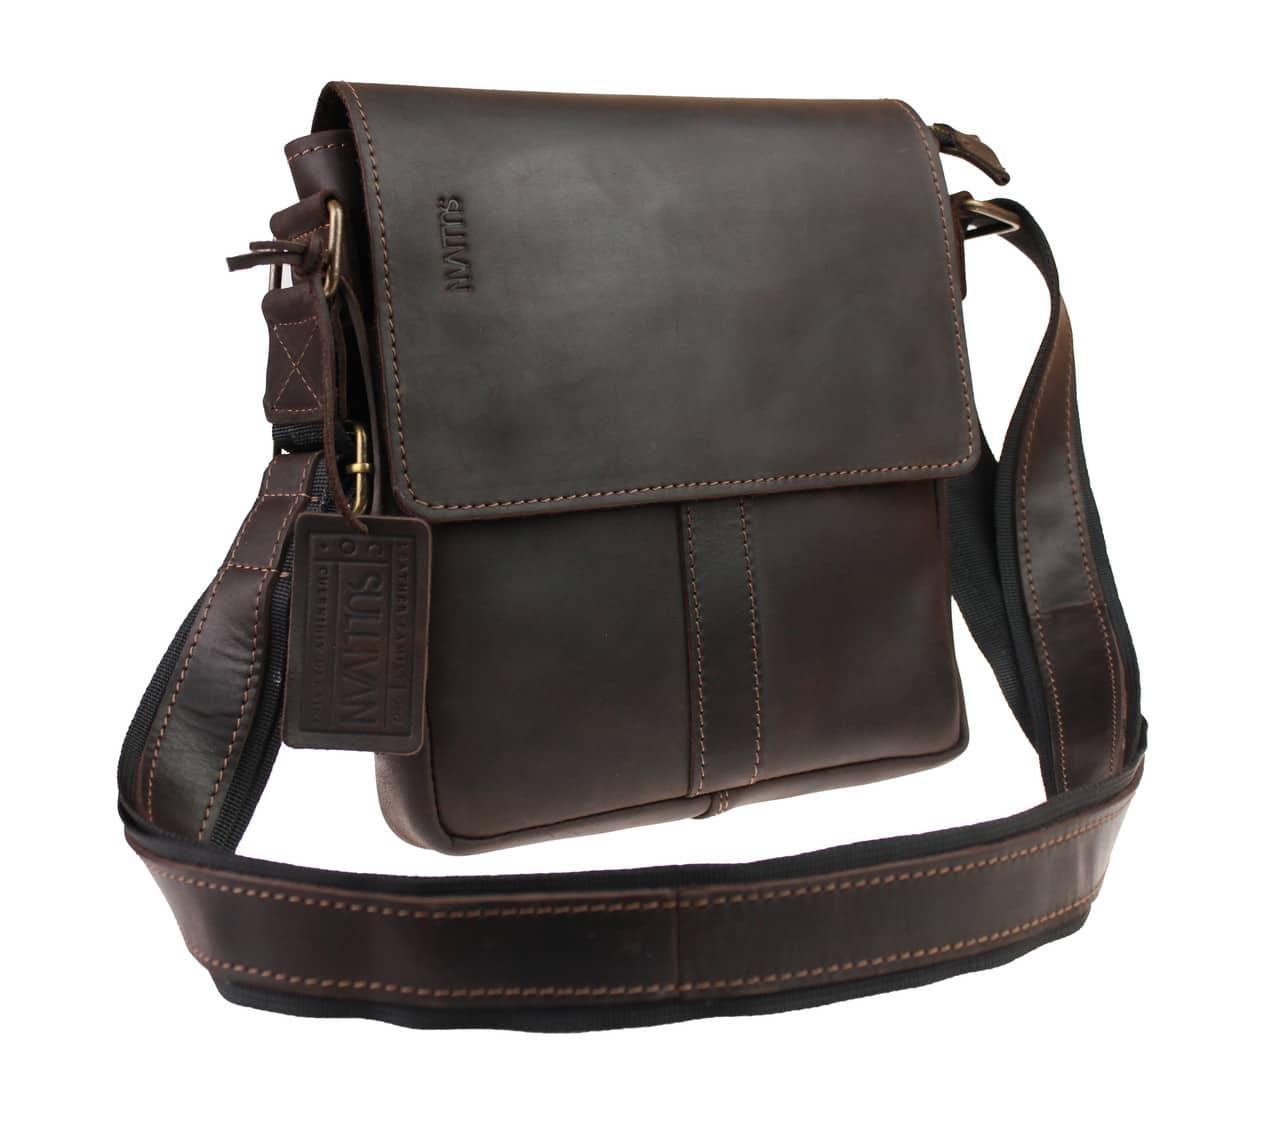 29b3d9506ad5 Купить мужскую кожаную сумку в Киеве и Украине - Кенгуру интернет магазин  мужских сумок